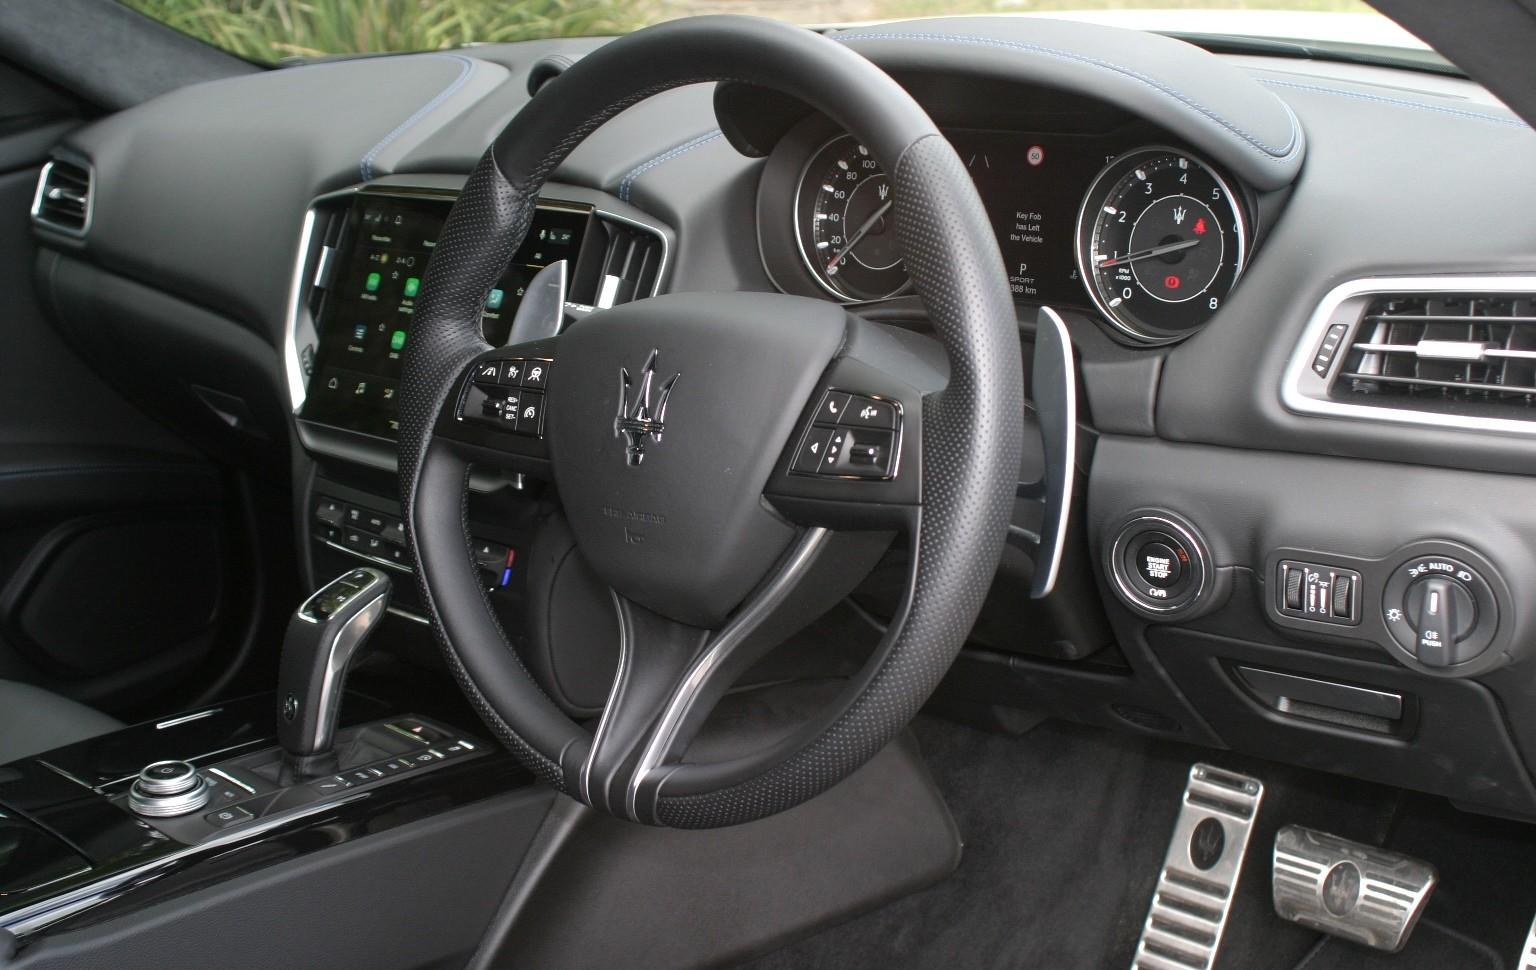 Maserati Ghibli Hybrid steering wheel